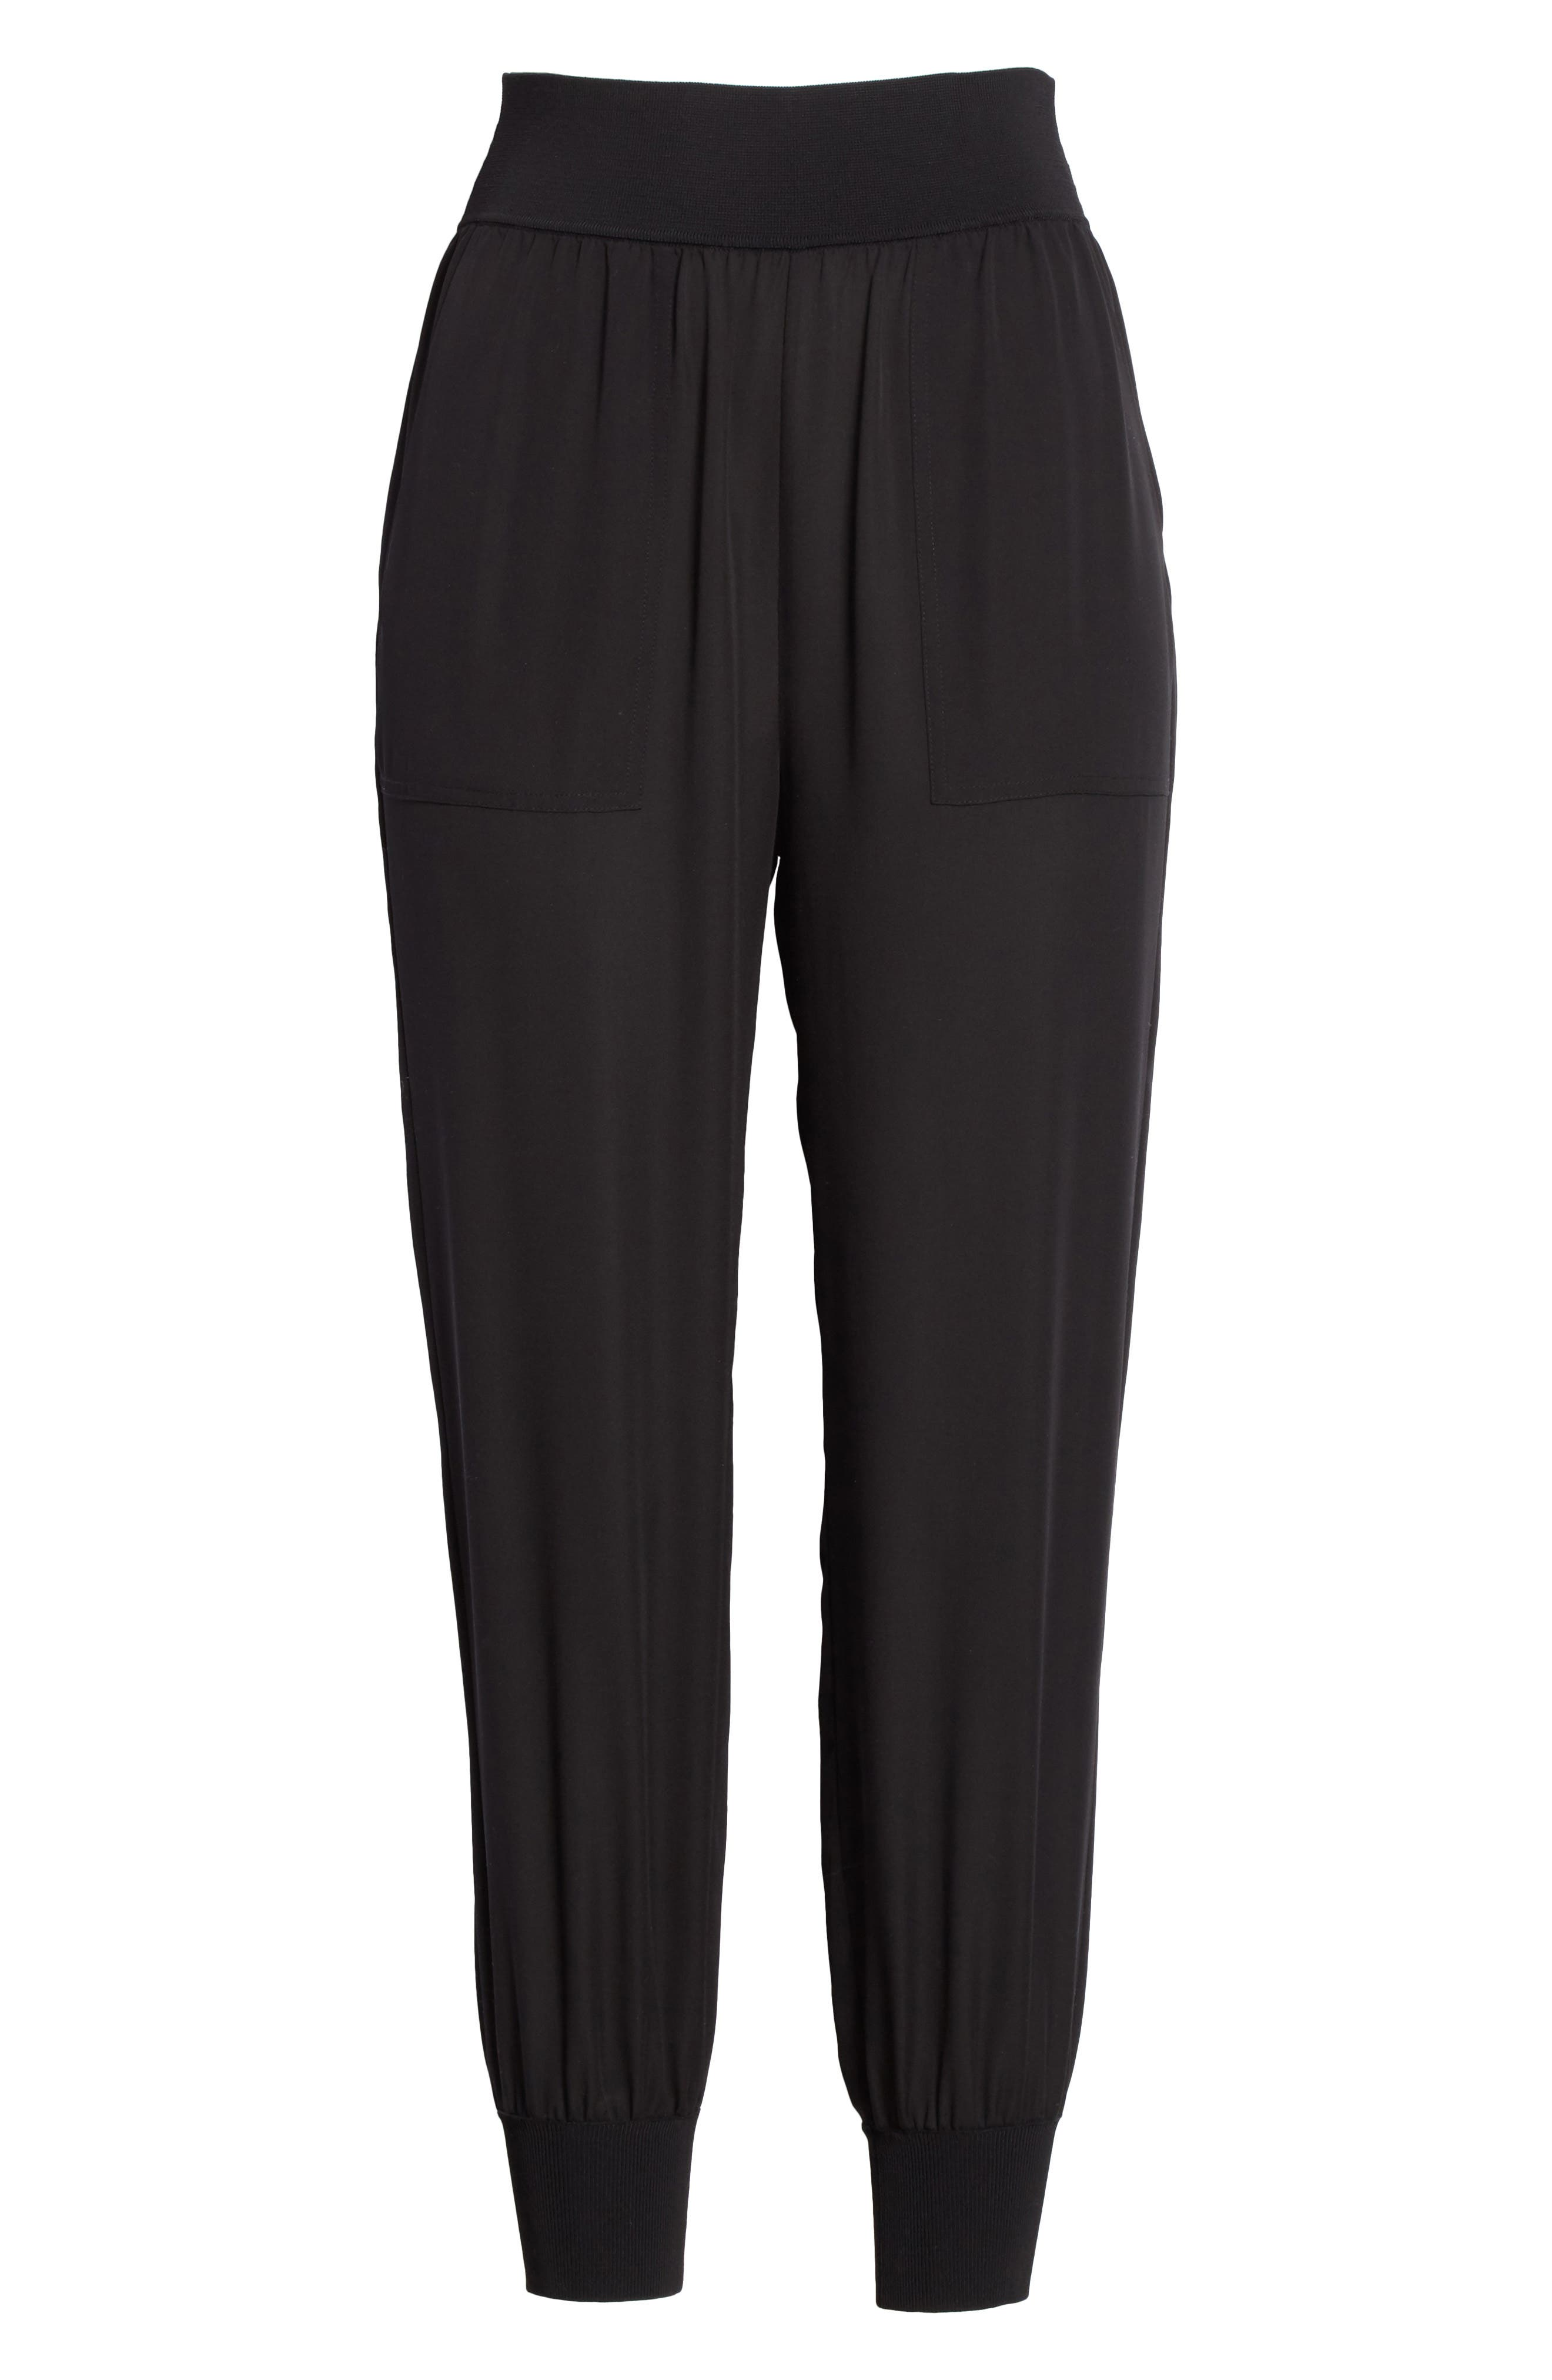 Silk Jogger Pants,                             Alternate thumbnail 6, color,                             Black